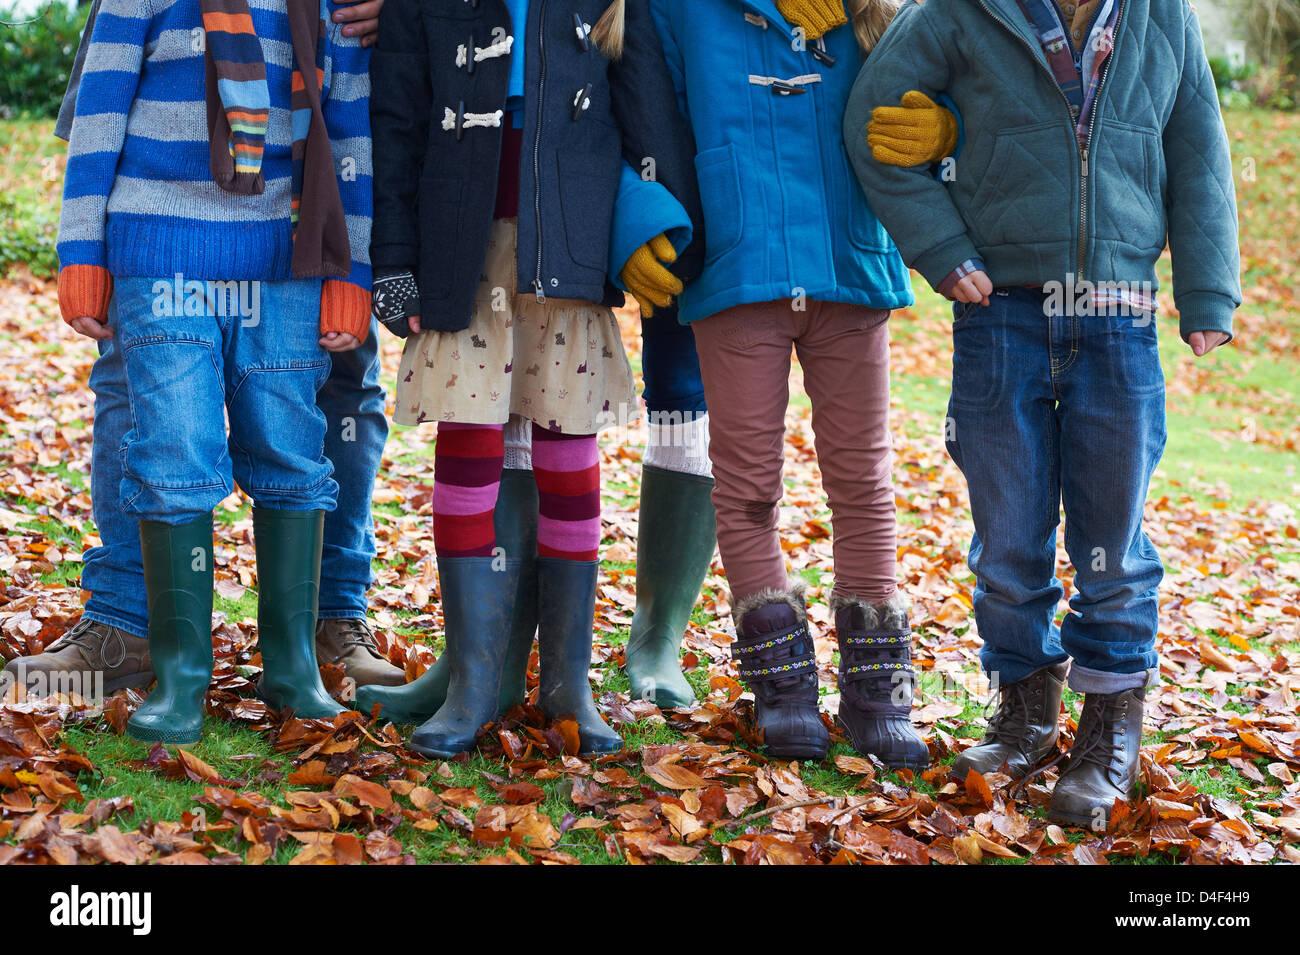 Kinder stehen zusammen im Herbstlaub Stockbild